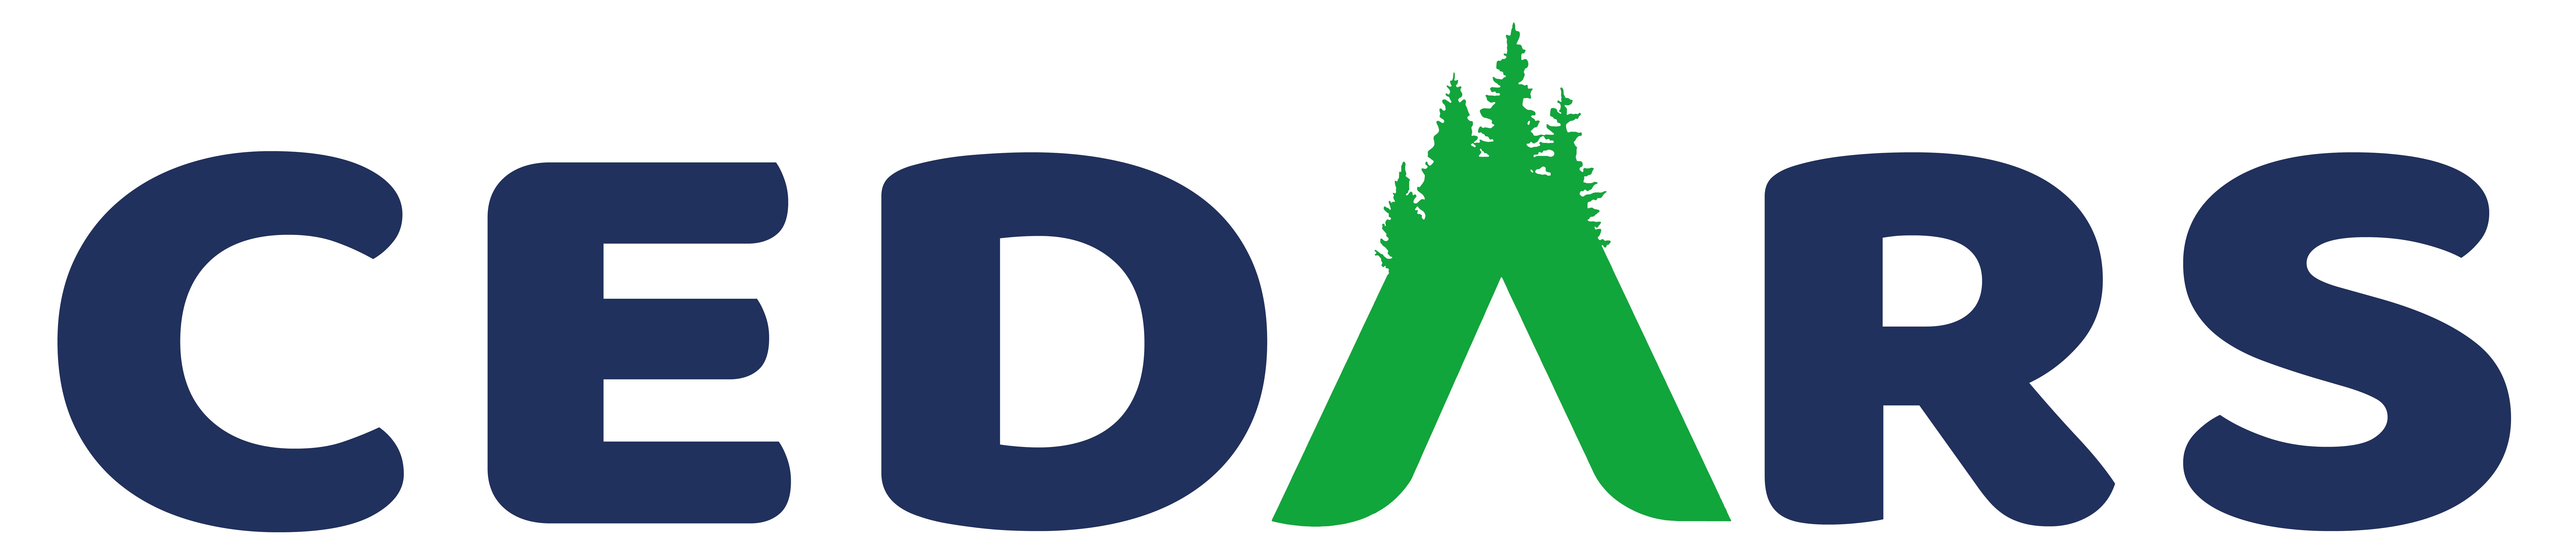 Vitae CEDARS survey logo